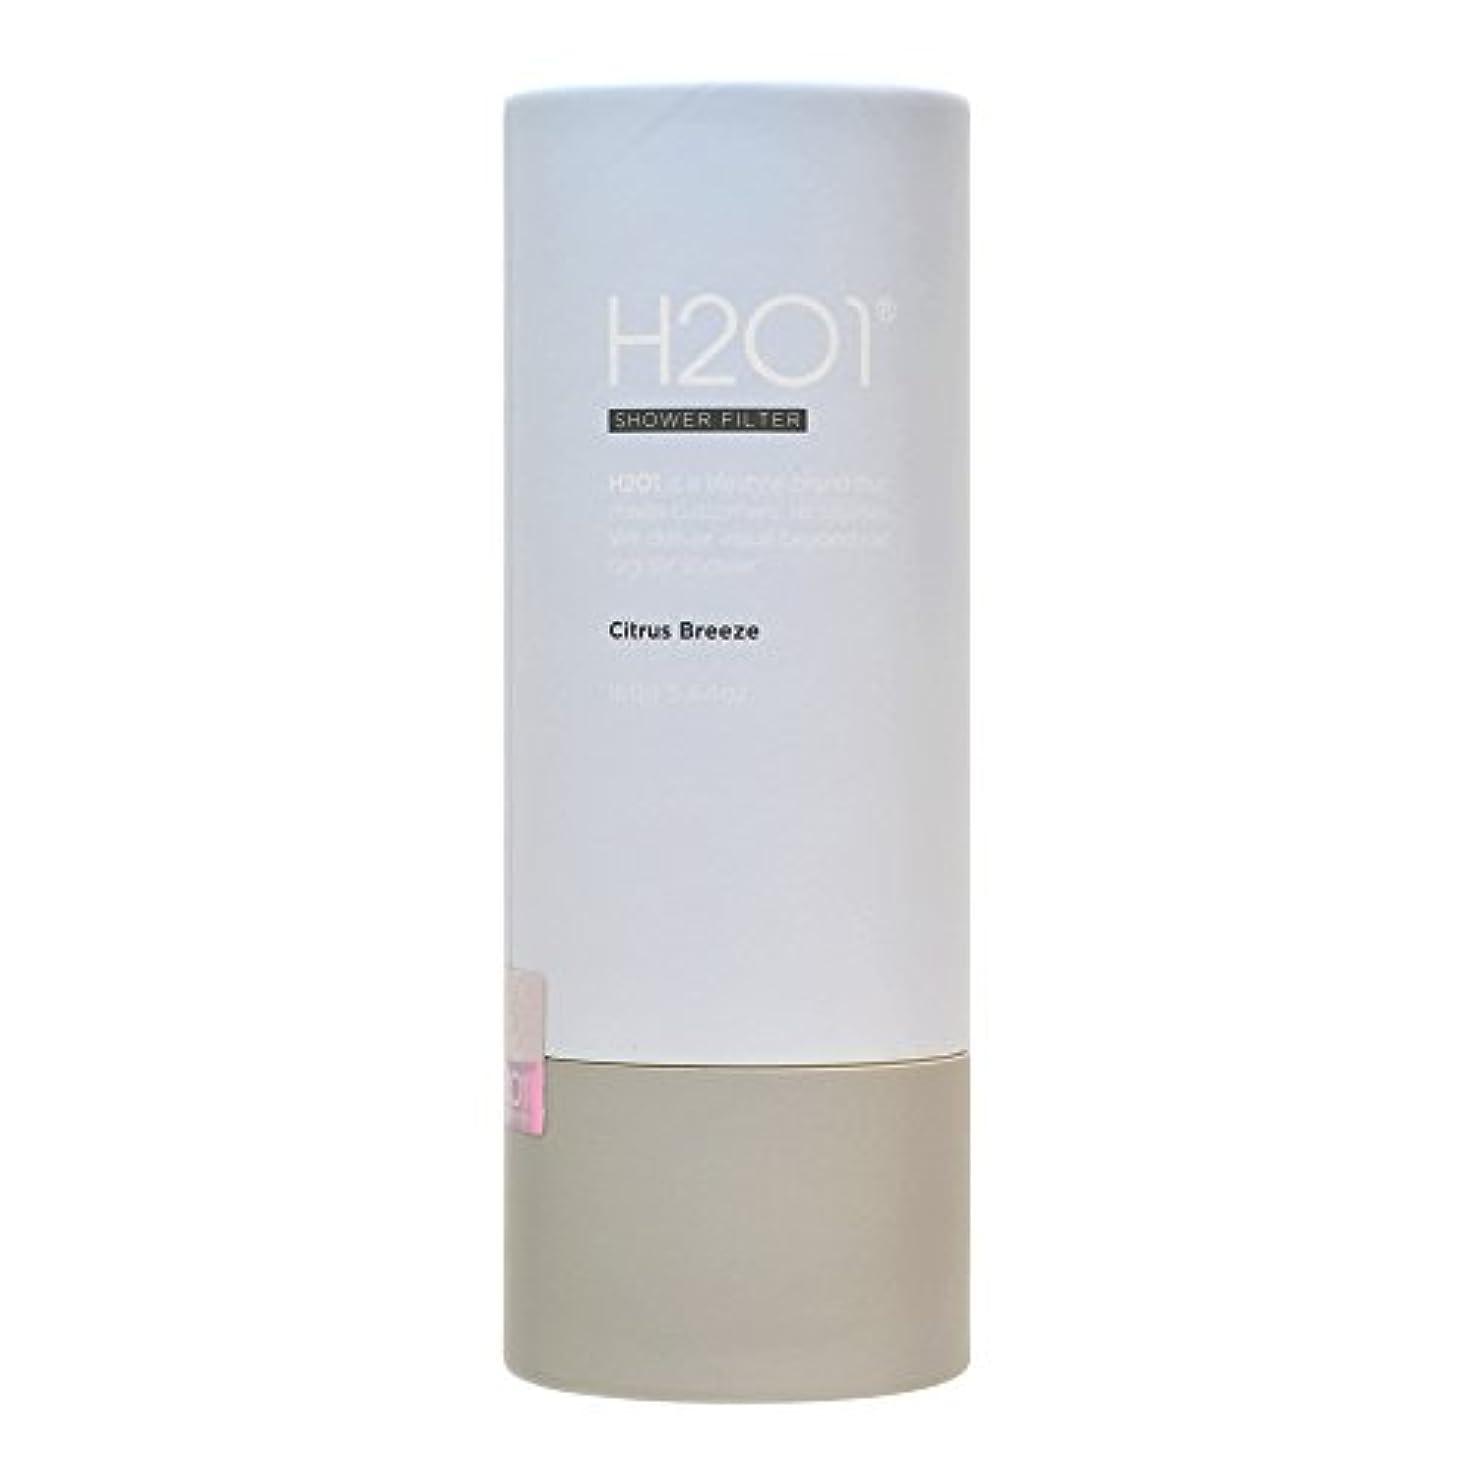 待つ通常突然のH2O1 (エイチツーオーワン) シャワーフィルター シトラスブリーズ